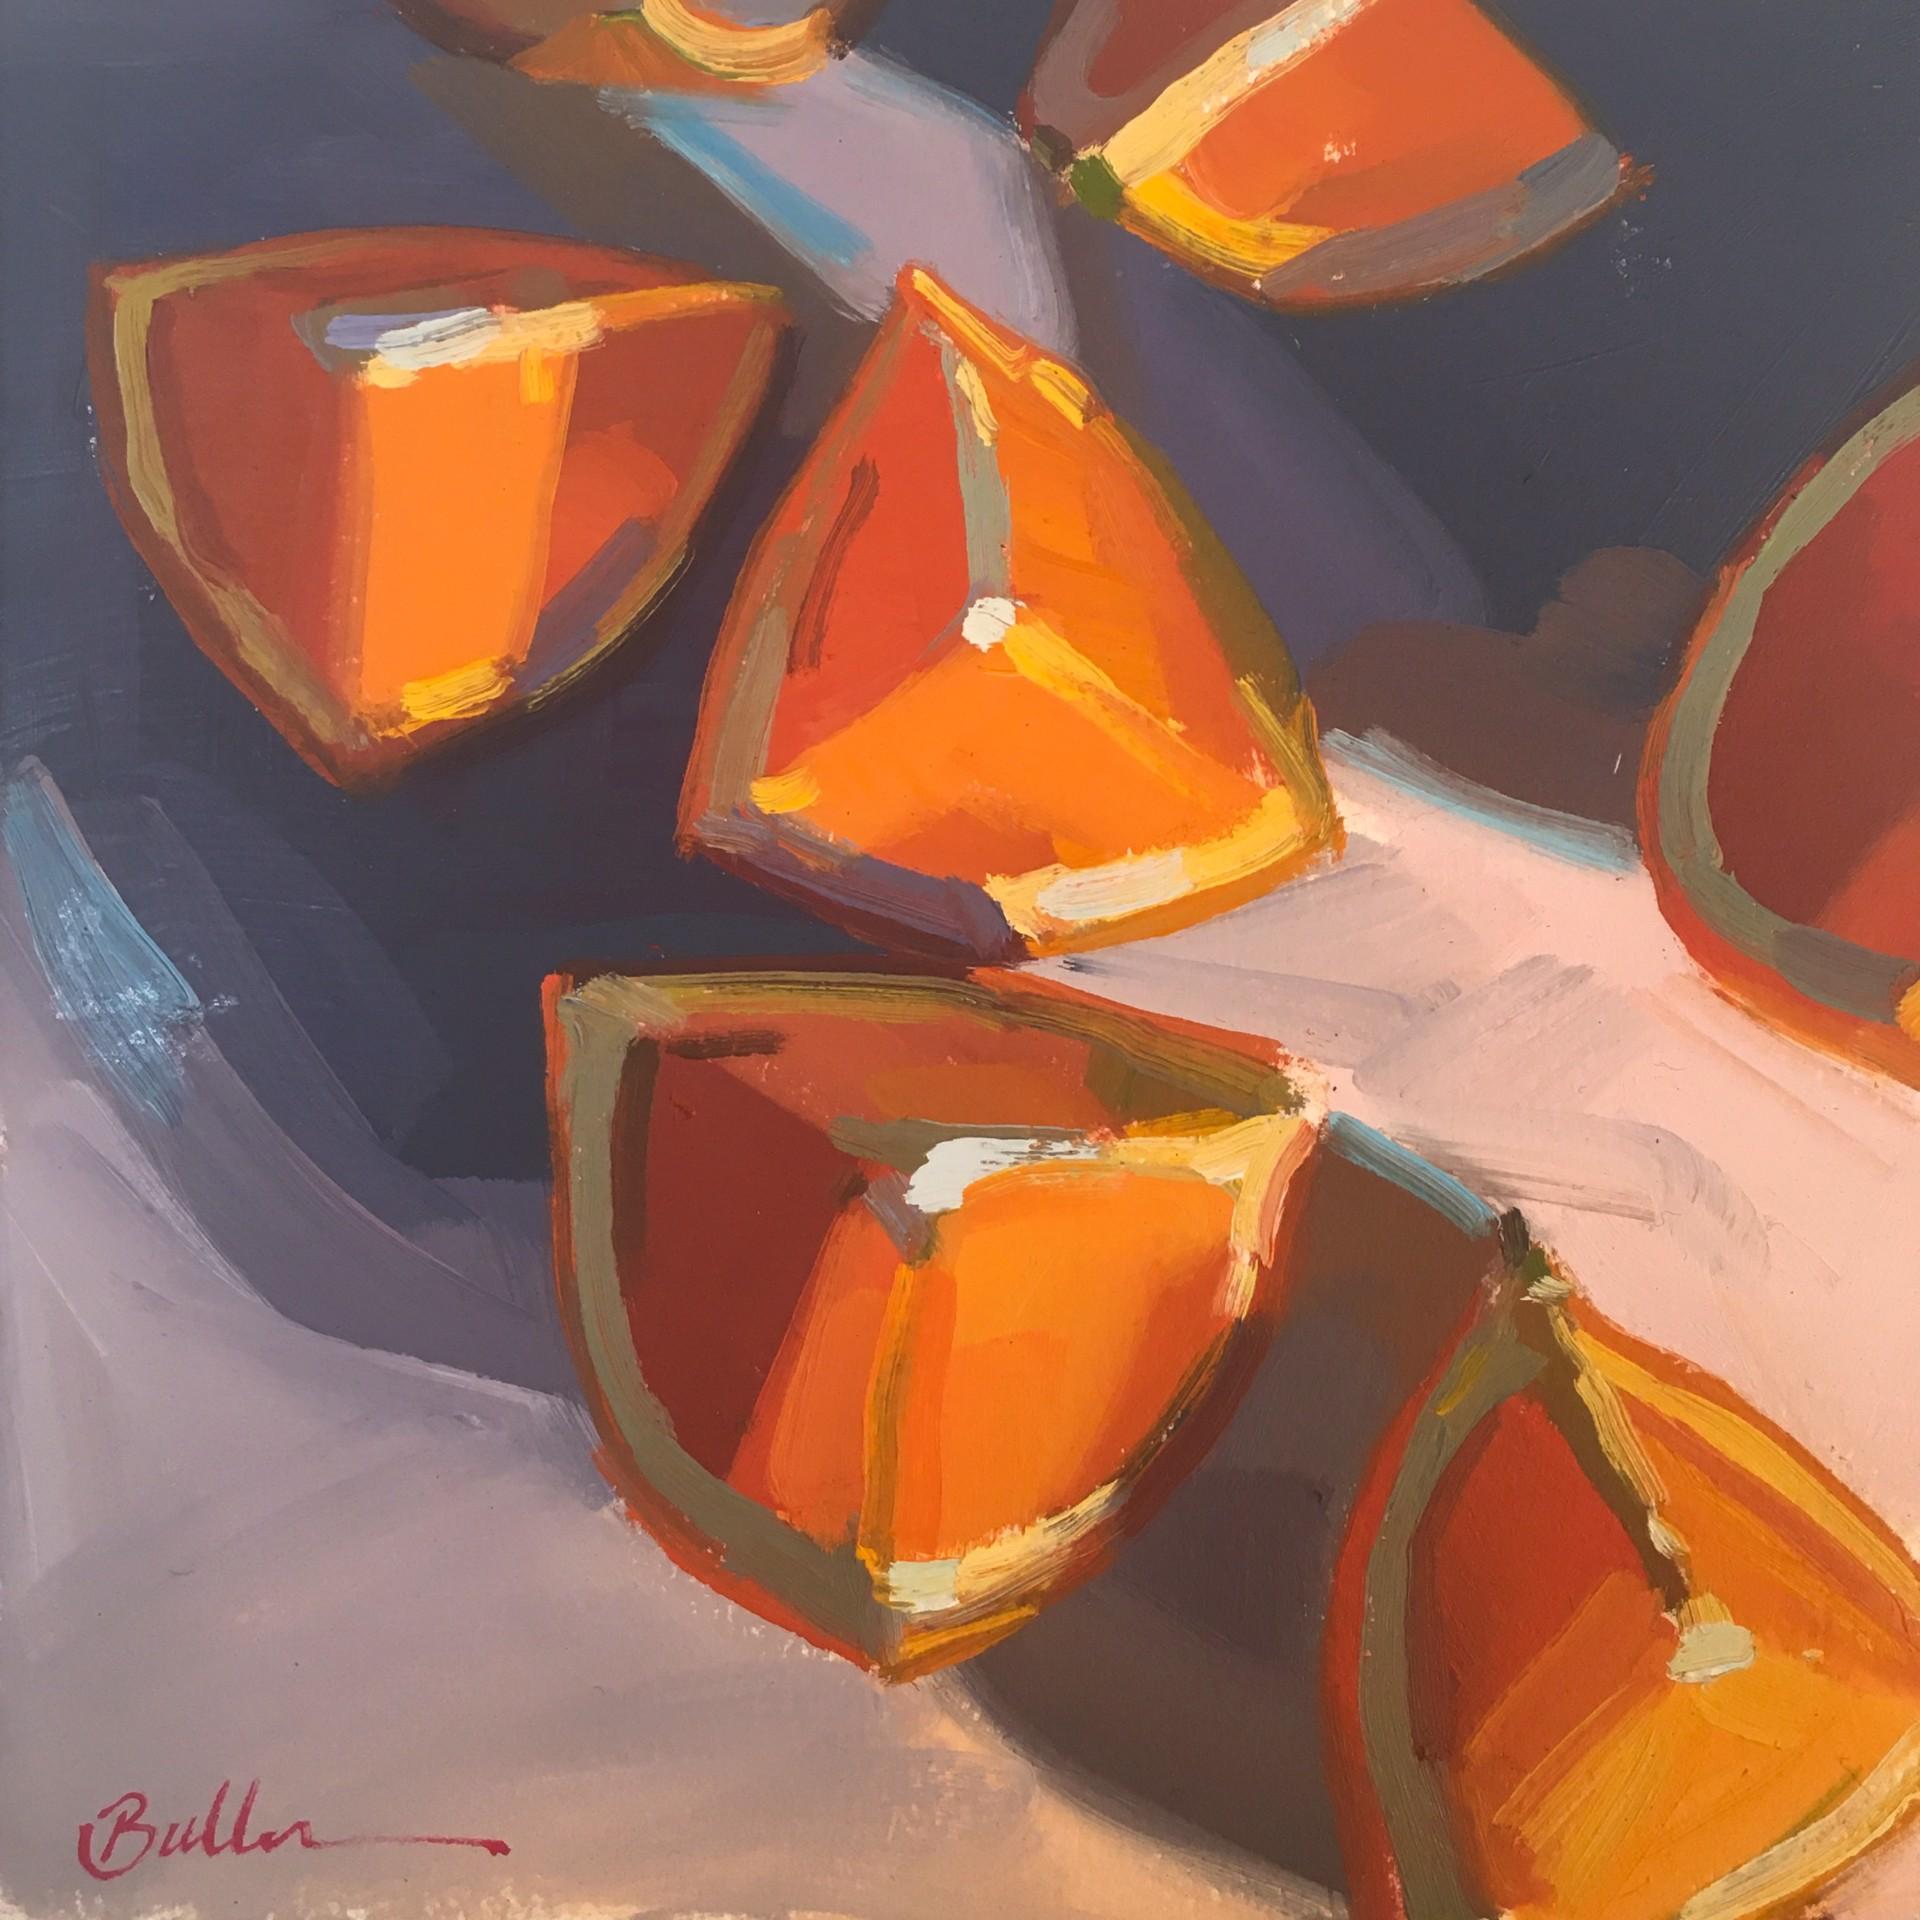 Seven Orange Wedges by Samantha Buller